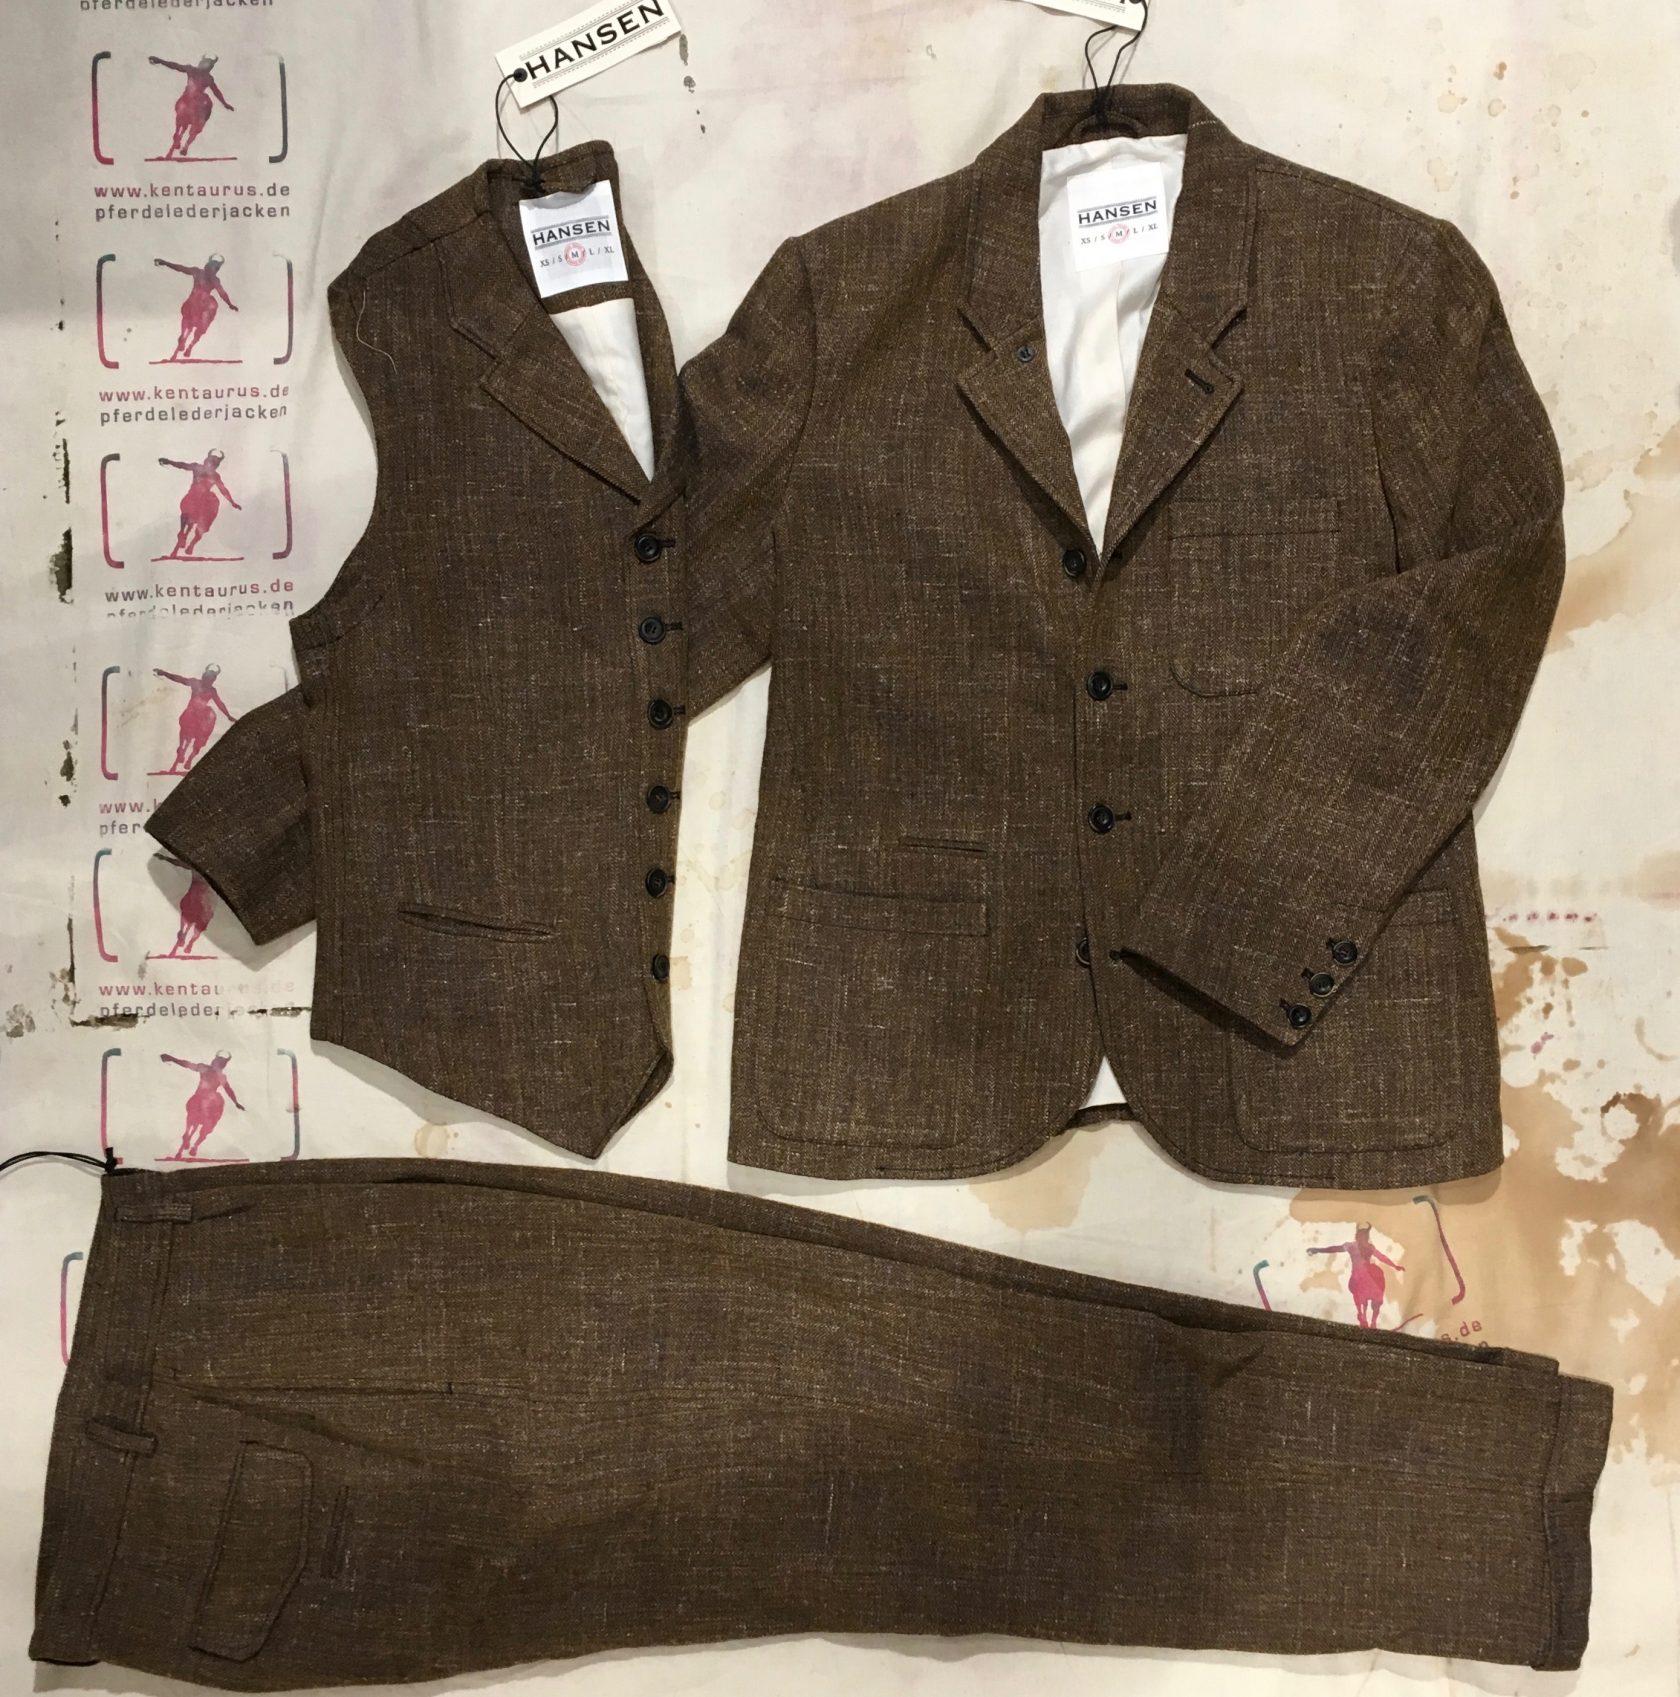 Hansen 3 piece suit cognac